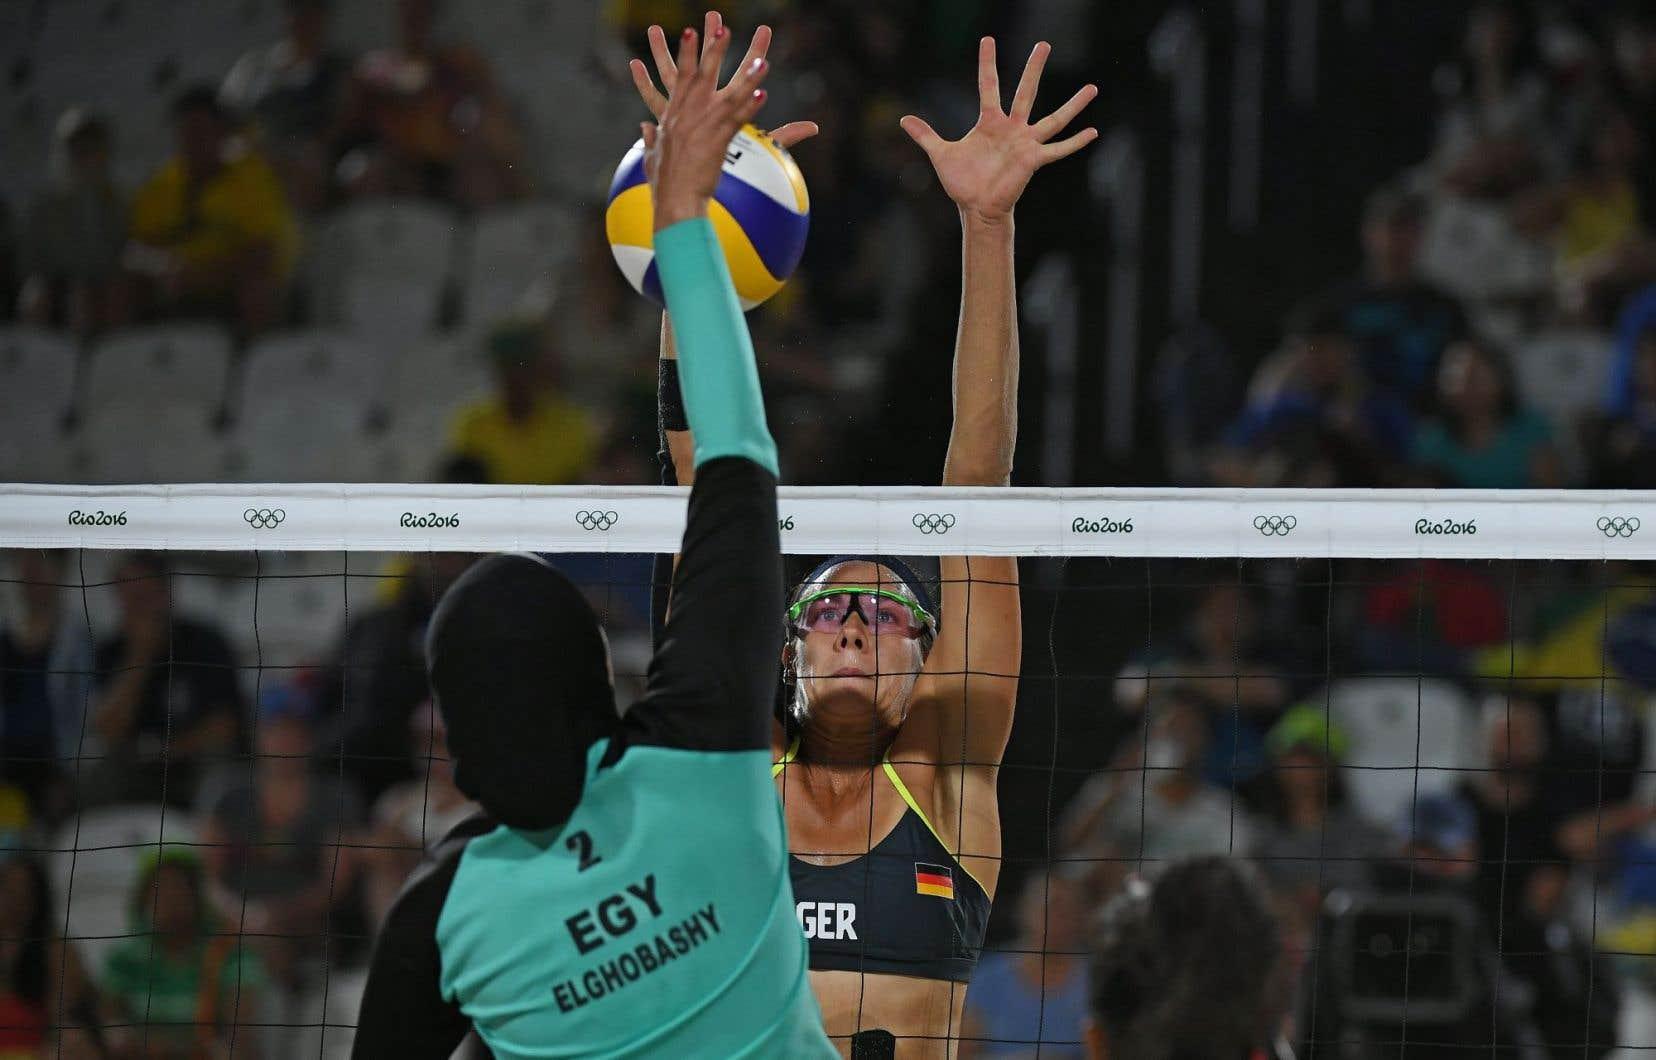 L'Égyptienne Doaa Elghobashy et l'Allemande Kira Walkenhorst lors de leur match de beach-volley à Rio.